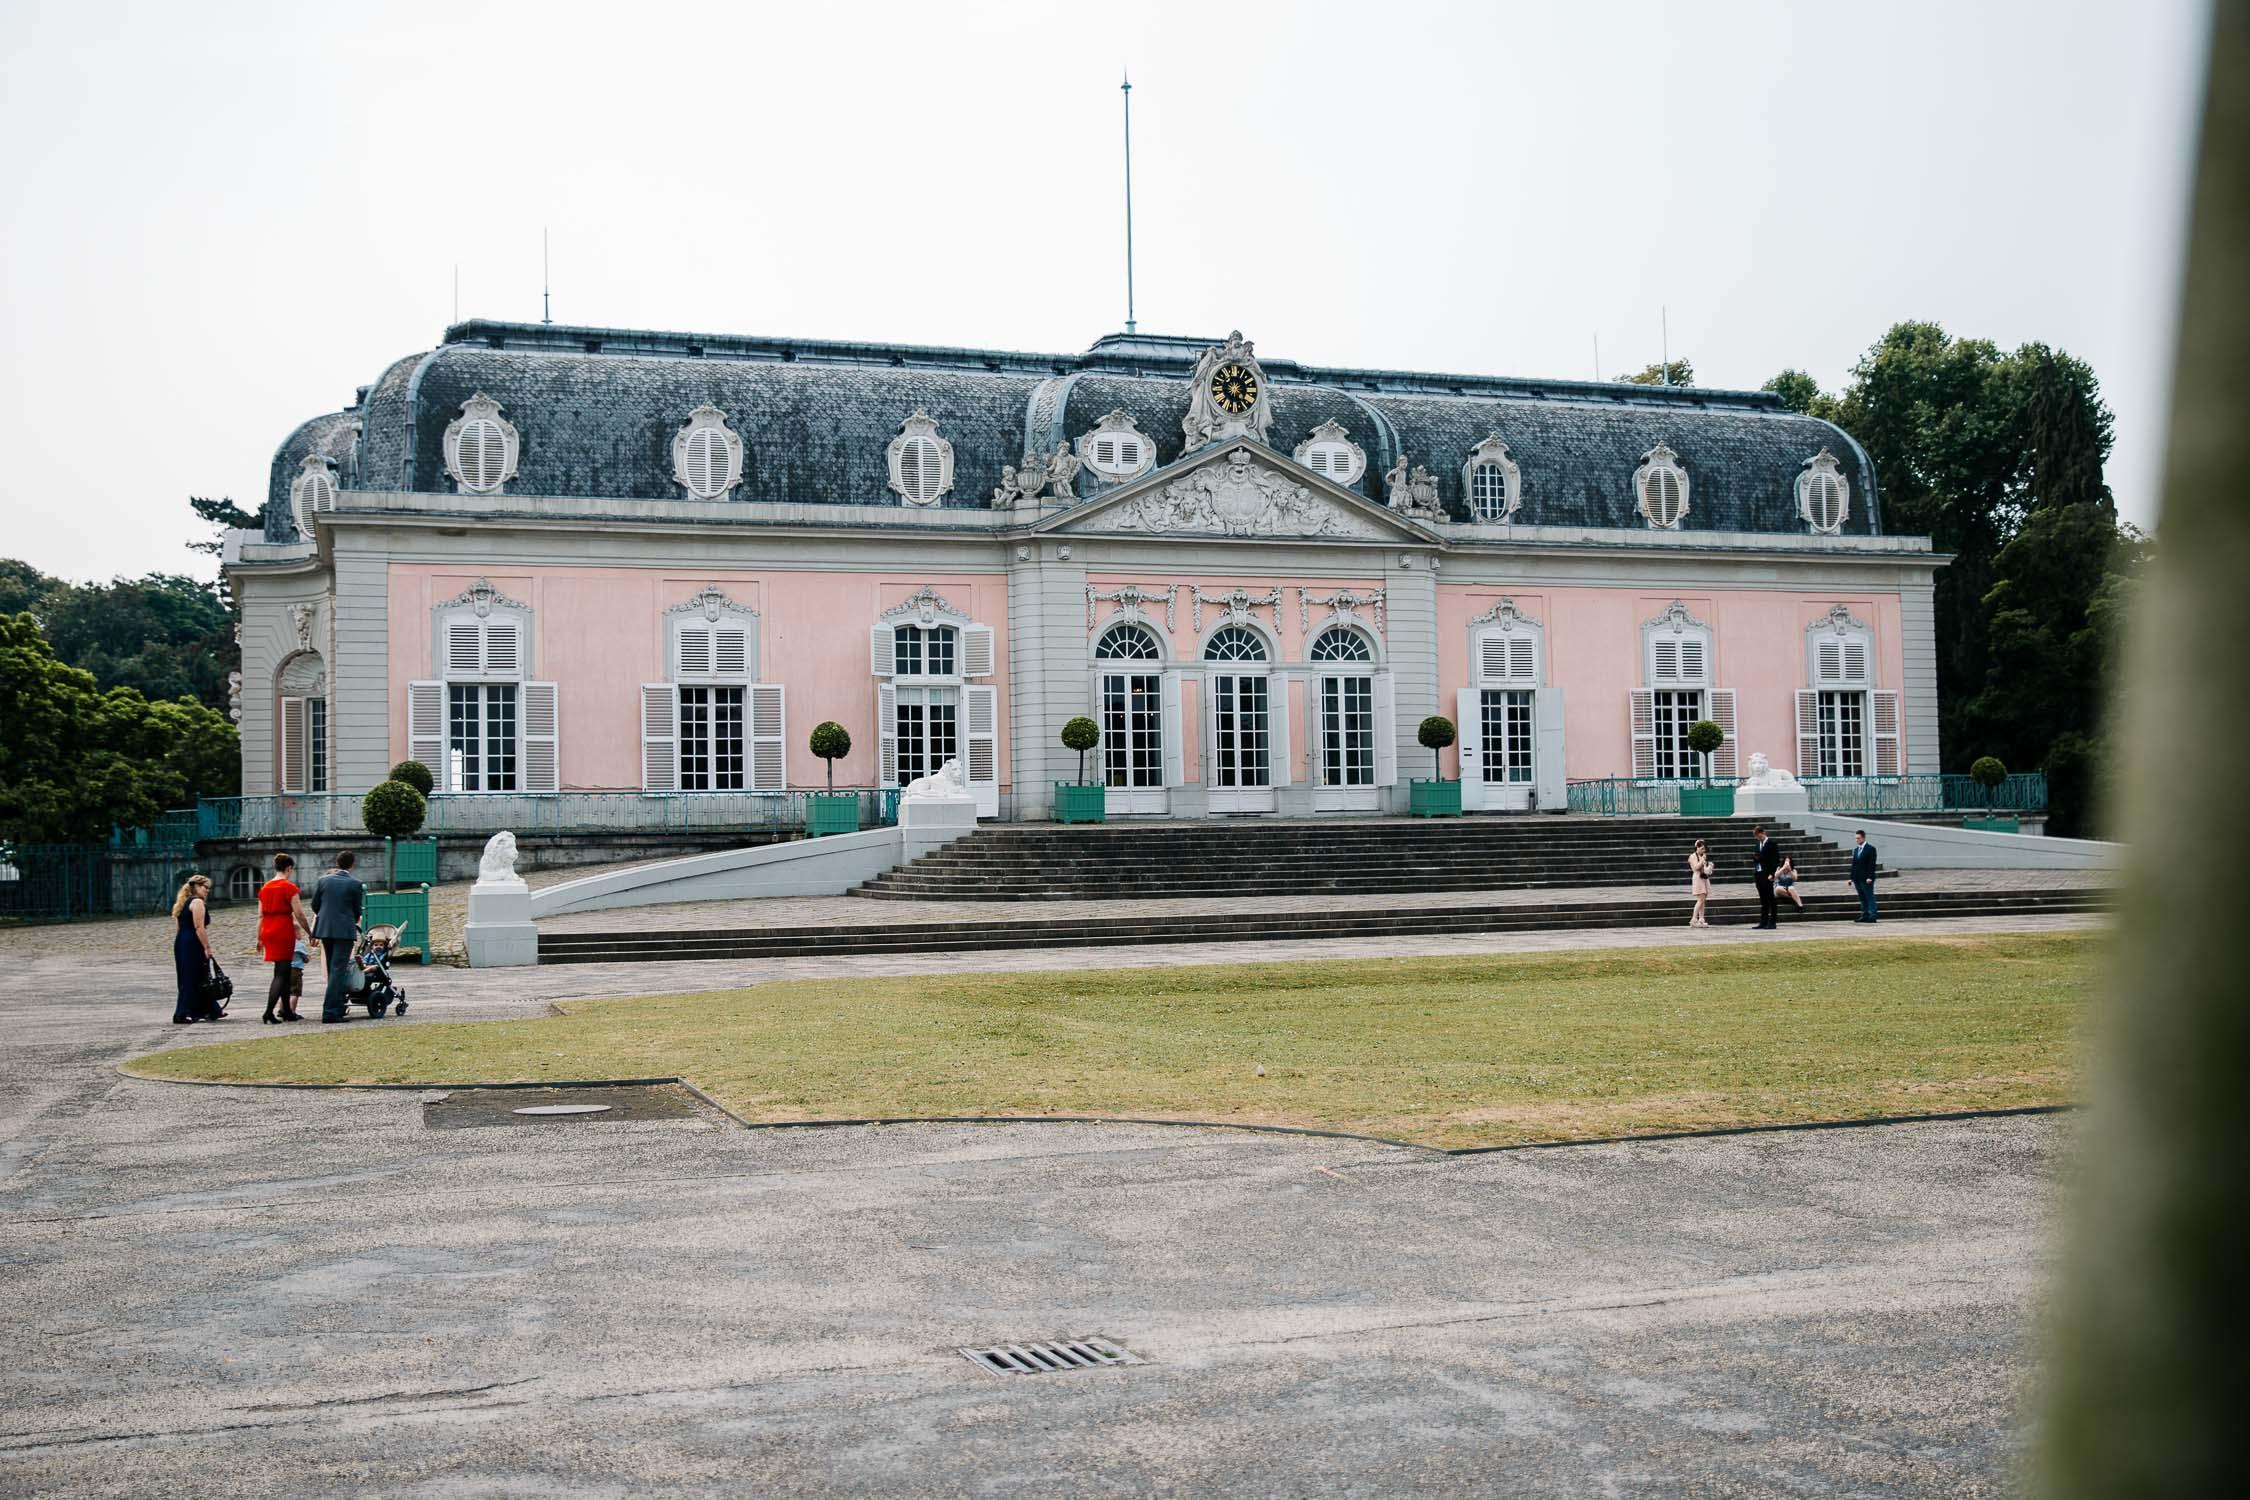 Buschenhofen, Fotografie, Hochzeit, Reportage, Benrath, Düsseldorf, Benrather Schloss, Schloss, Hochzeitsreportage